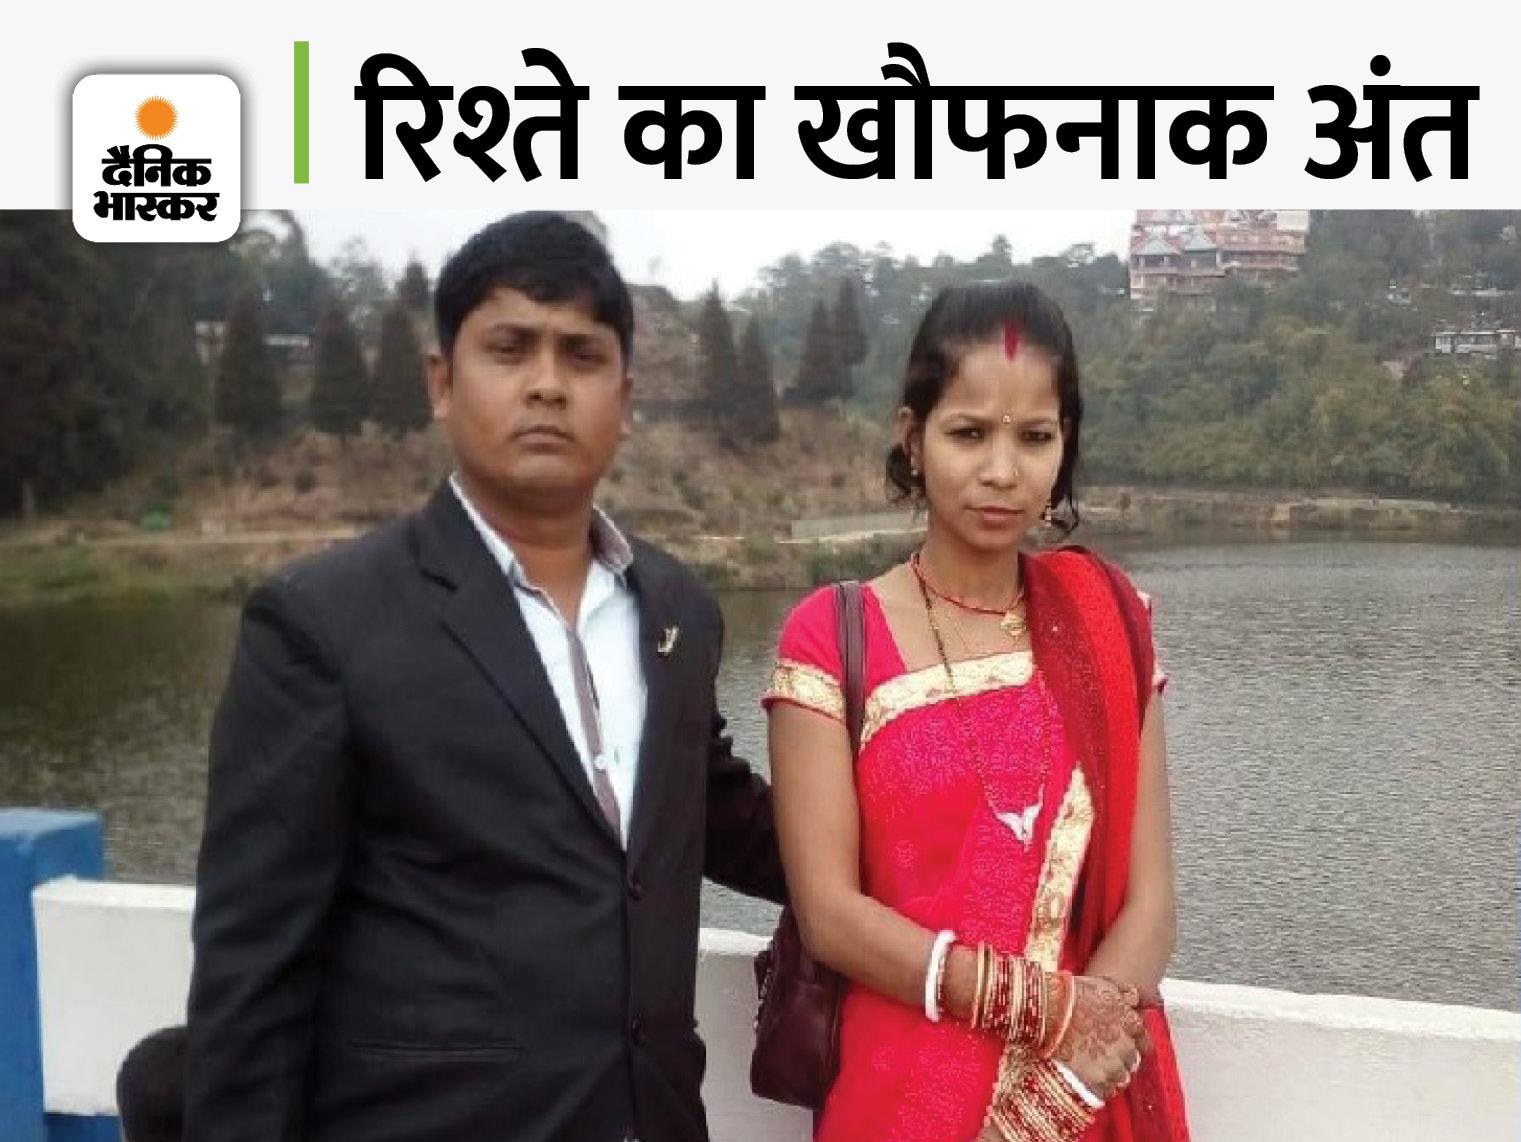 पति की हत्या कर यूरिया, नमक और तेजाब में रखा शव, बदबू न आए इसलिए अगरबत्ती जलाई; गैस बनने से हुआ धमाका|देश,National - Dainik Bhaskar